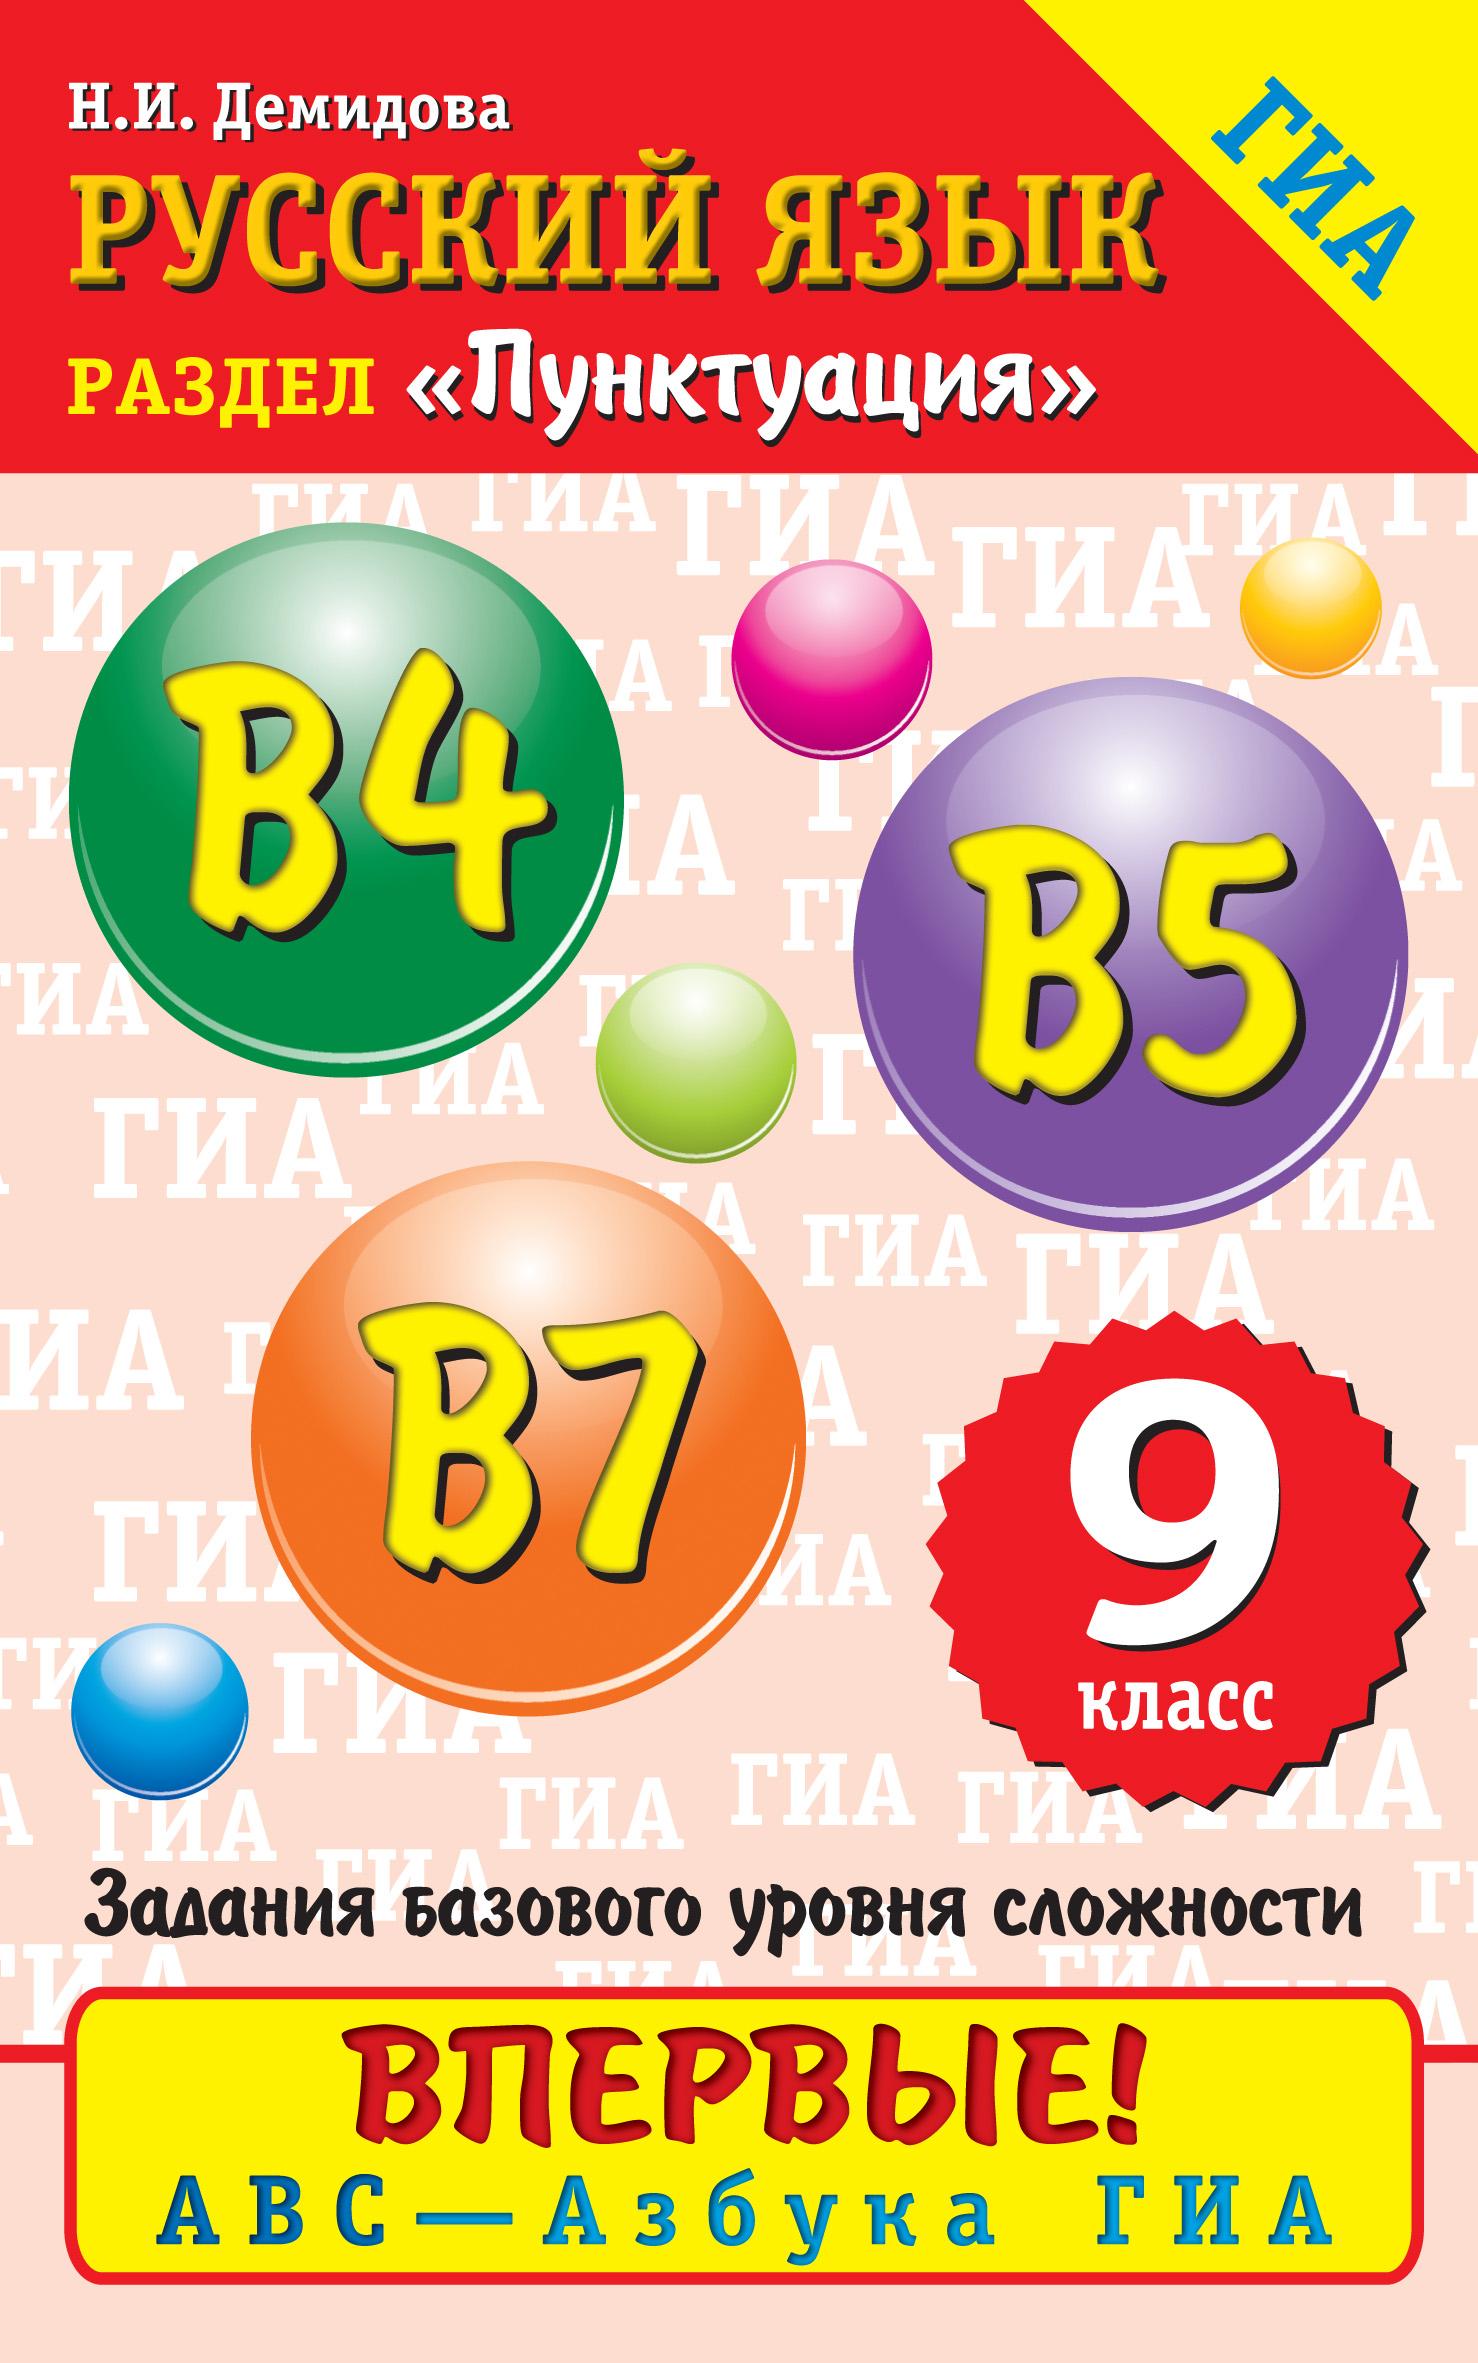 Н. И. Демидова Русский язык. Пунктуация. В4, В5, В7. 9 класс